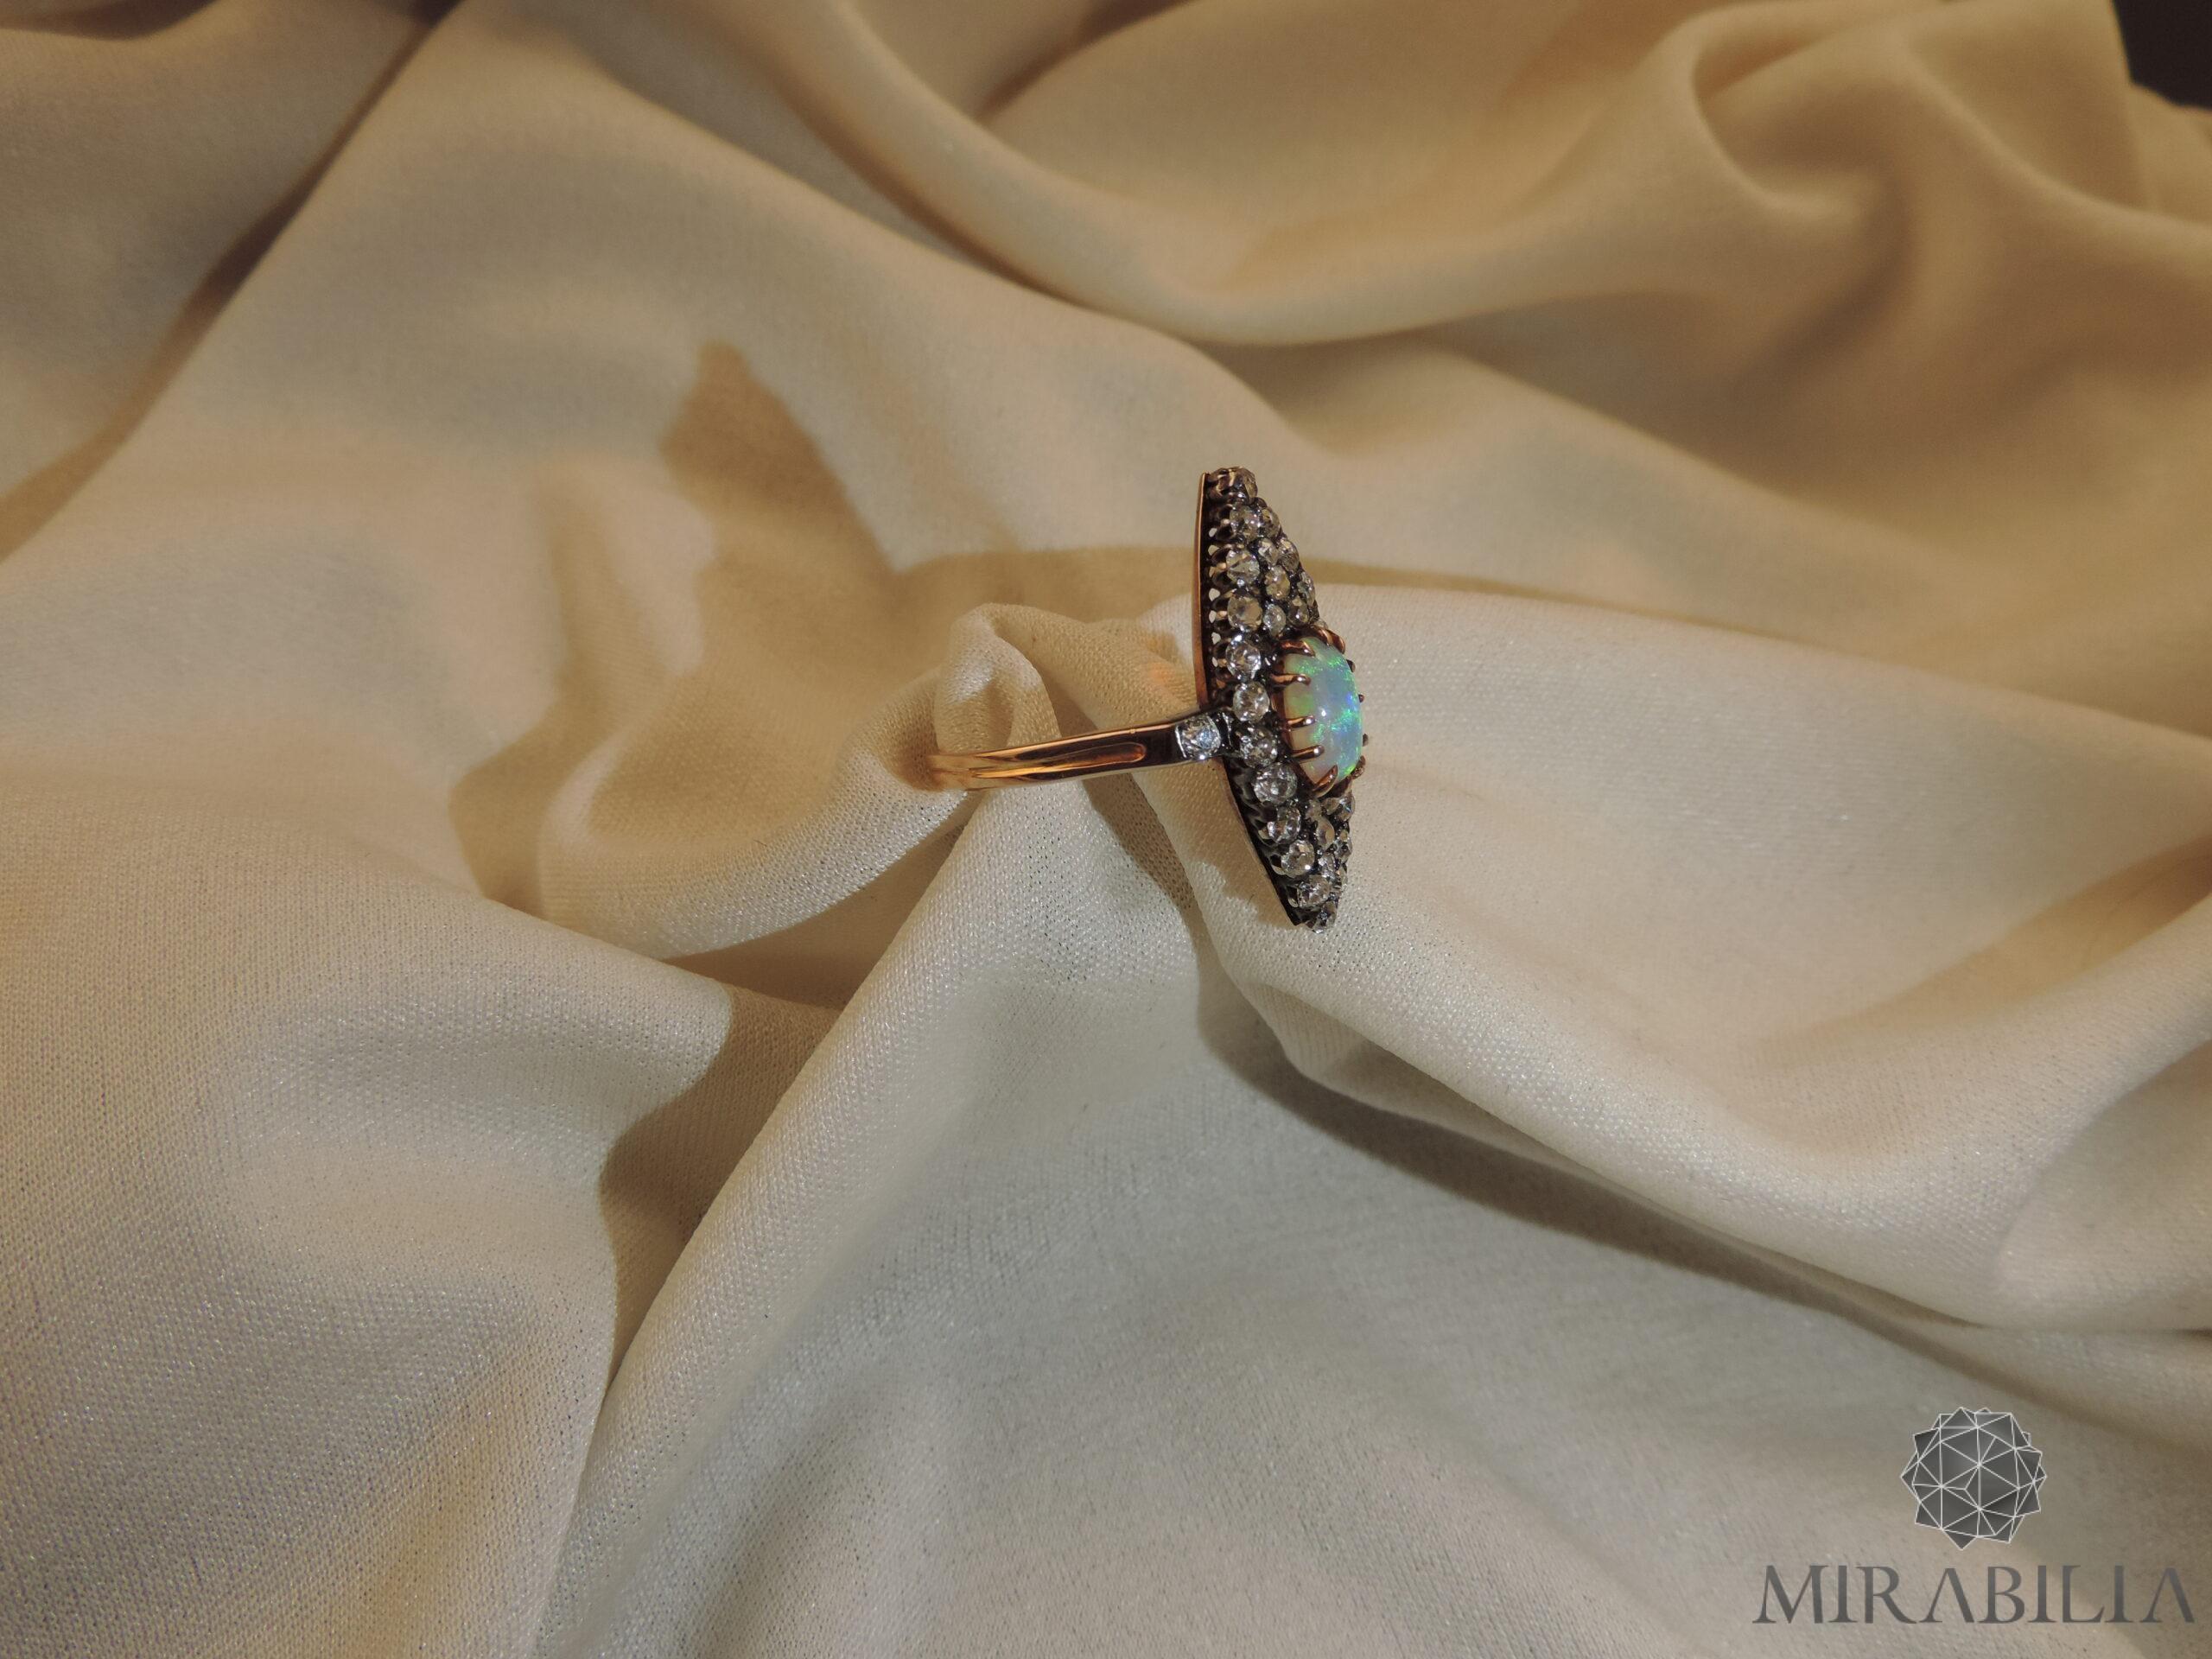 Anello Belle Epoque in oro, argento, opale e diamanti (dettaglio lato)